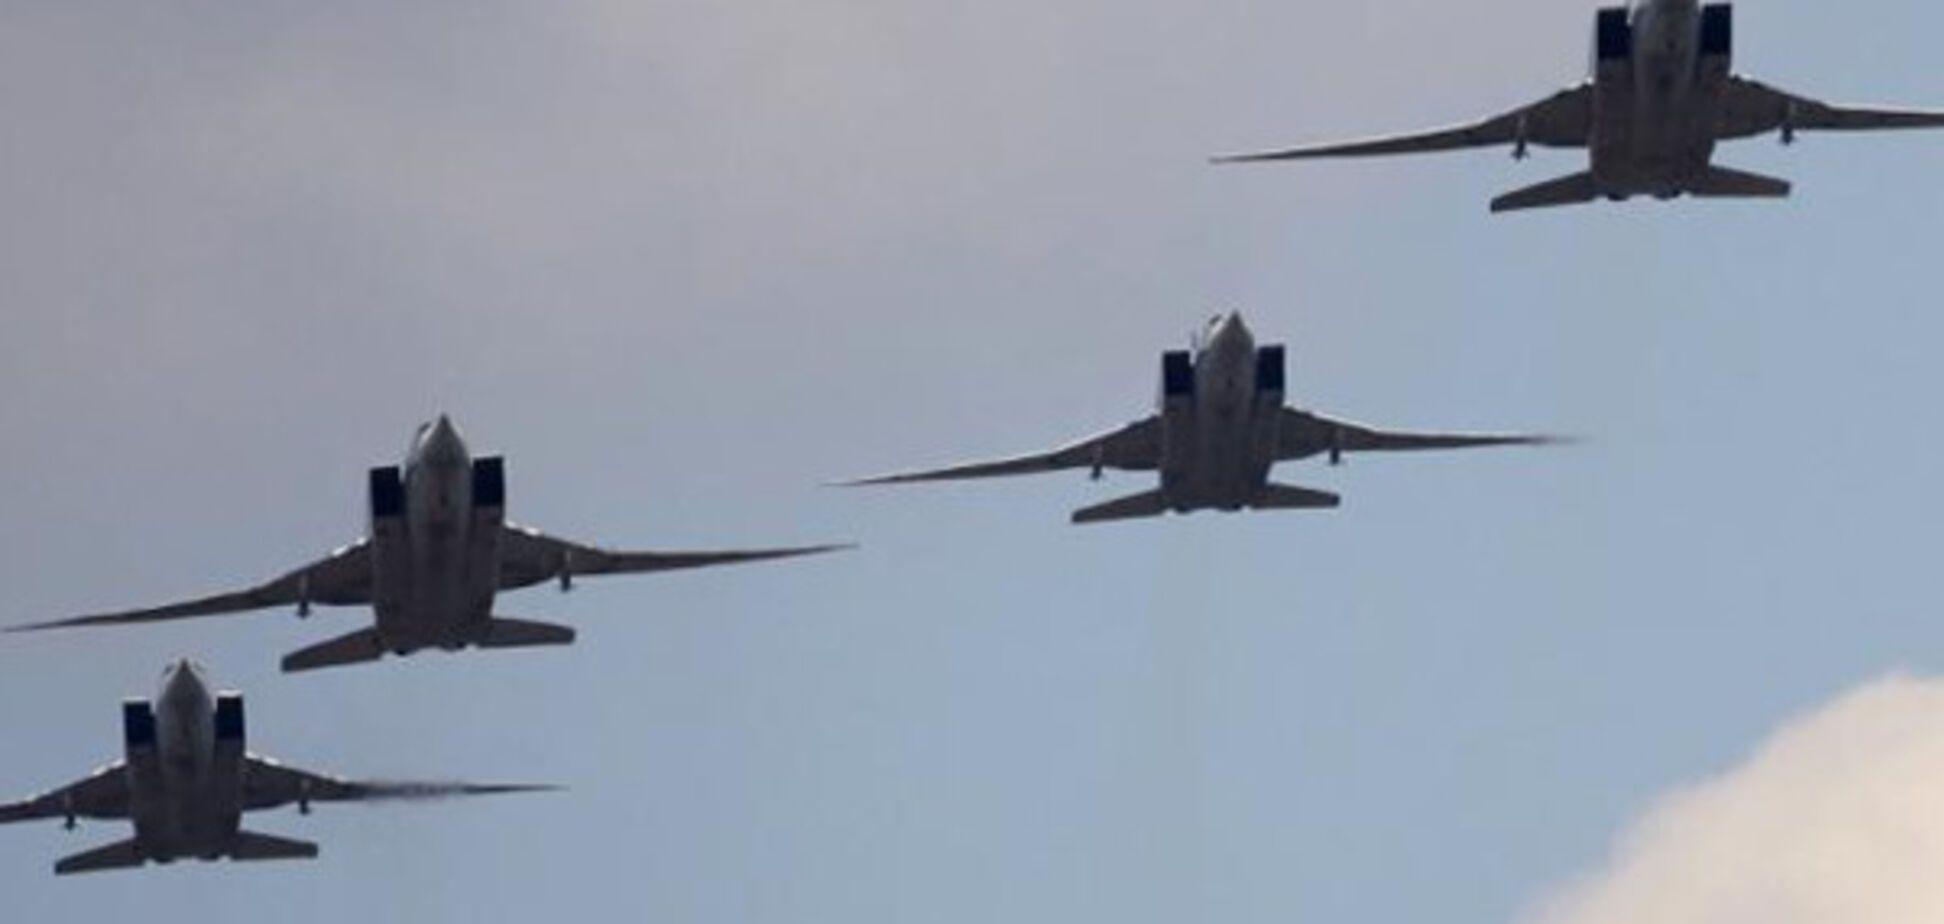 'Щоб уникнути конфліктів': у США зробили сенсаційну заяву про відносини з РФ